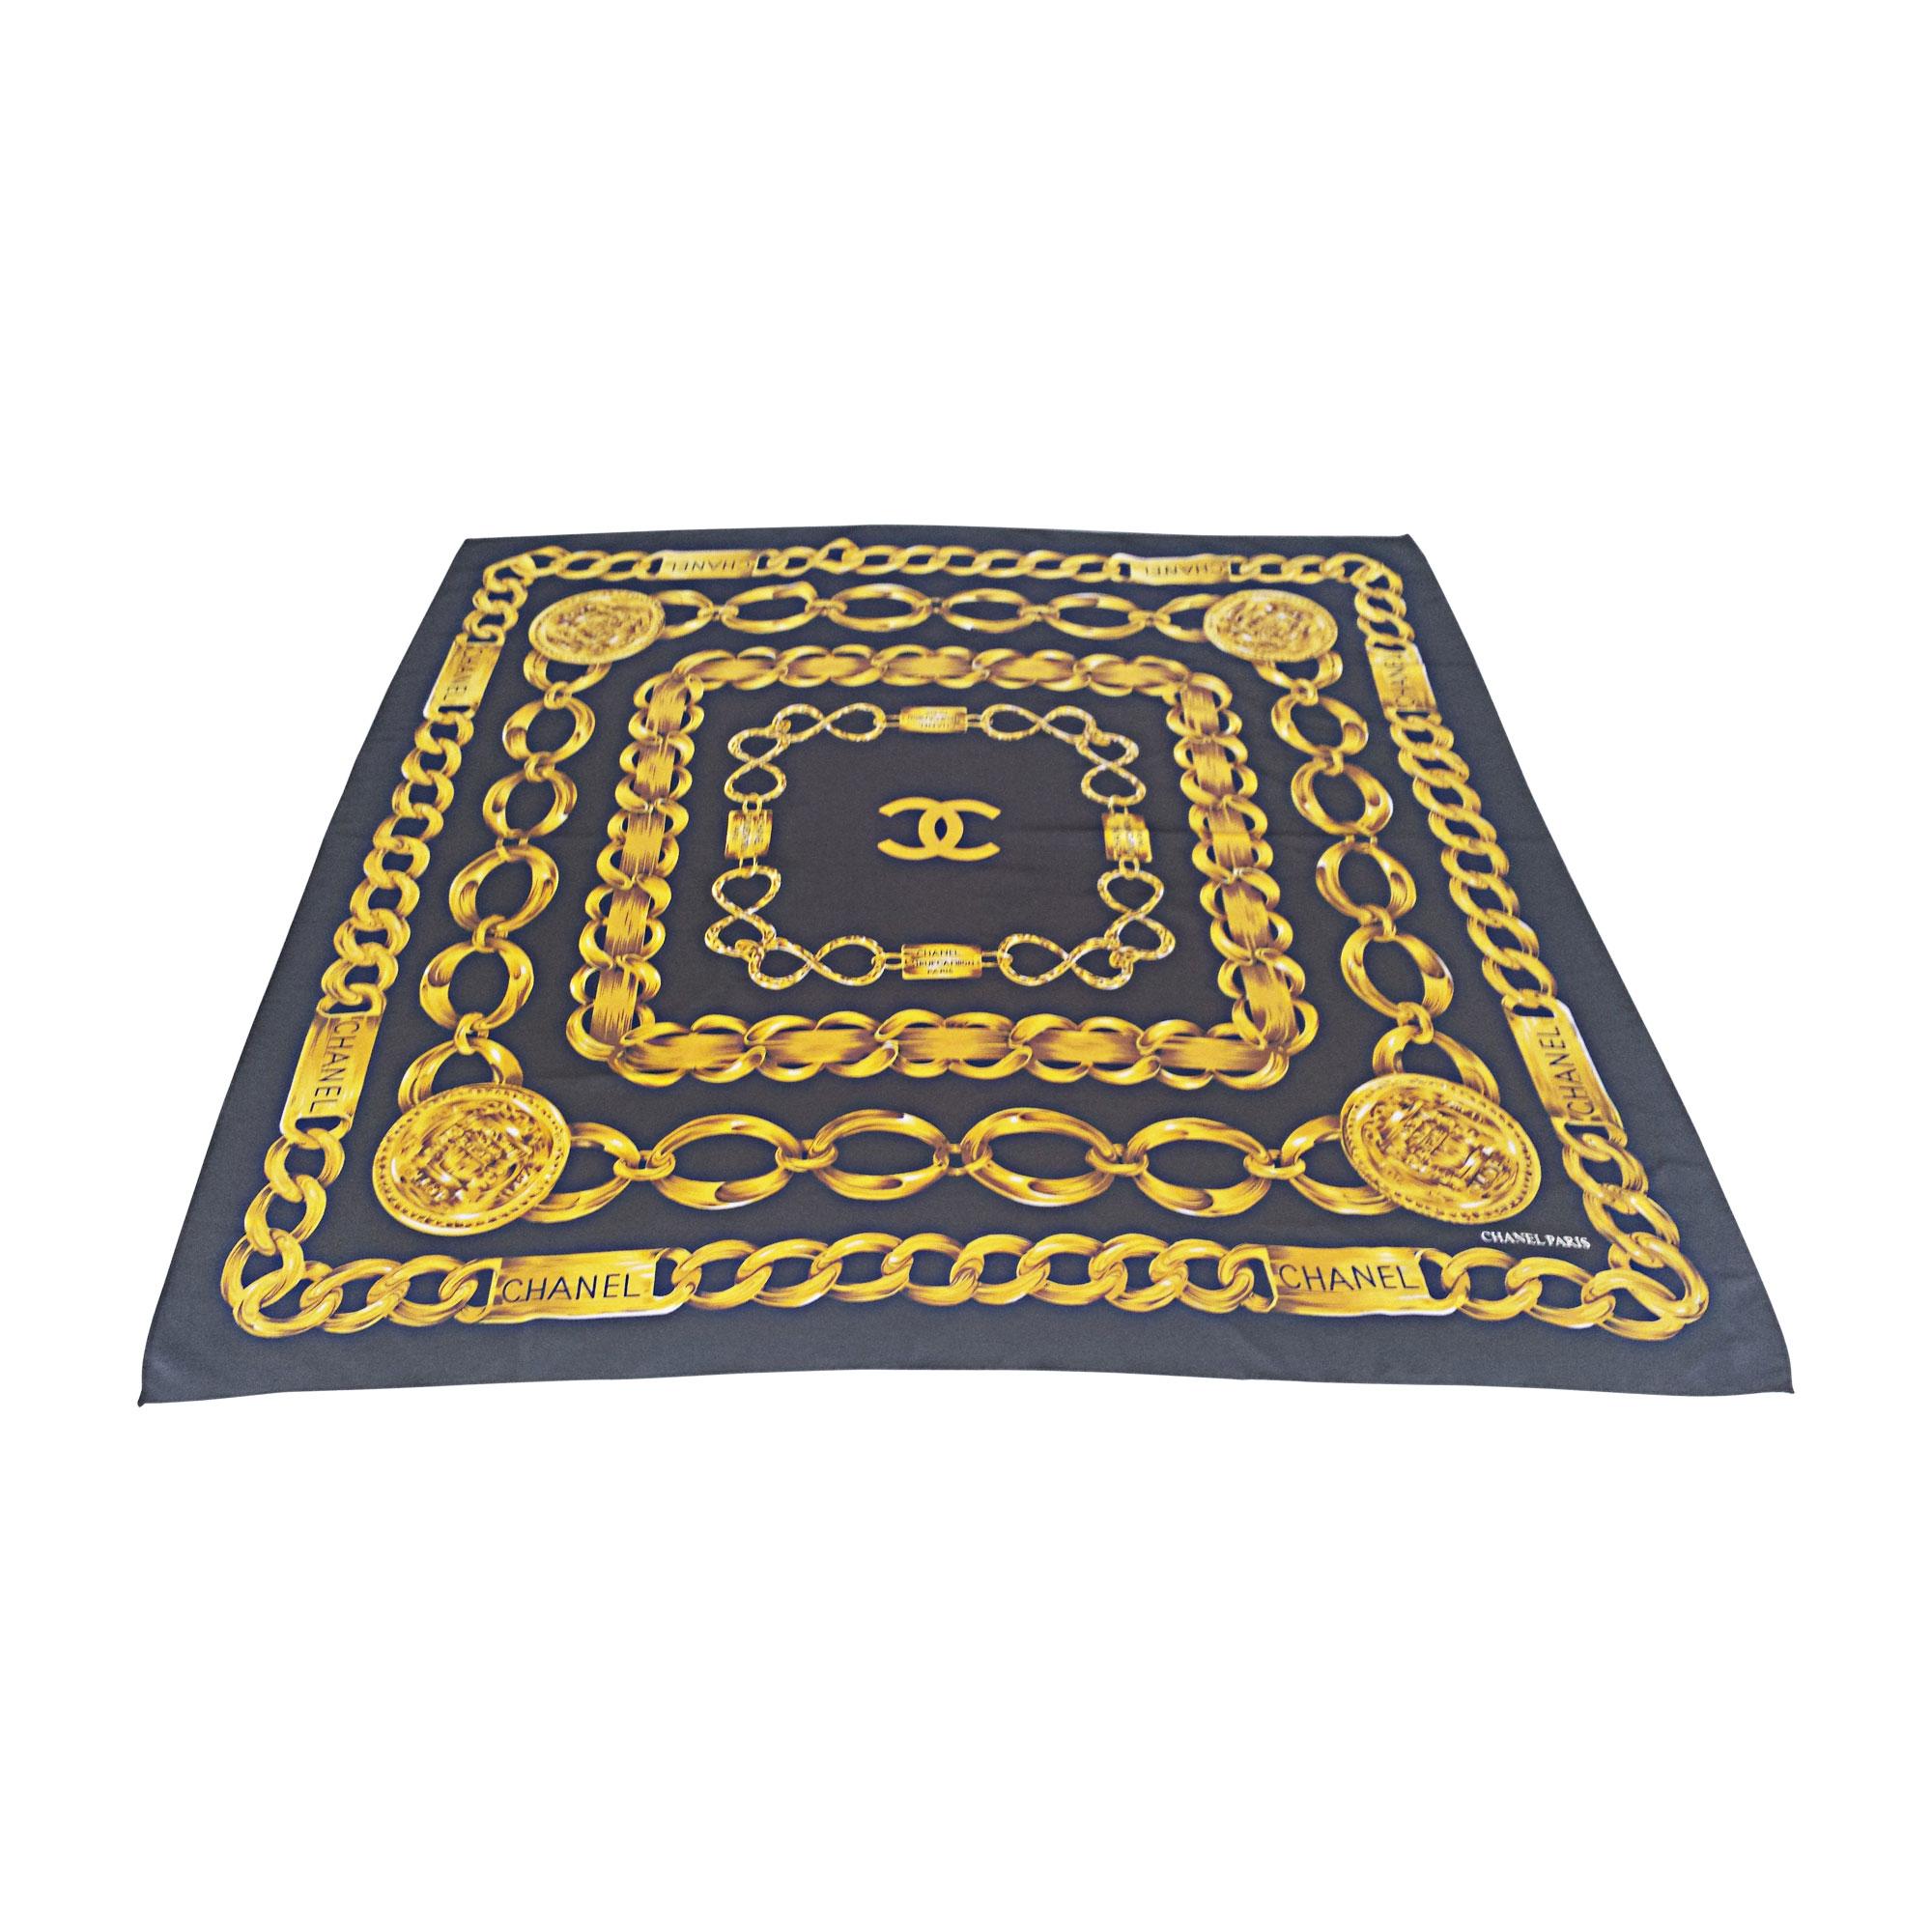 Foulard CHANEL noir vendu par Offredirecte - 4626308 2f7b7437b2a